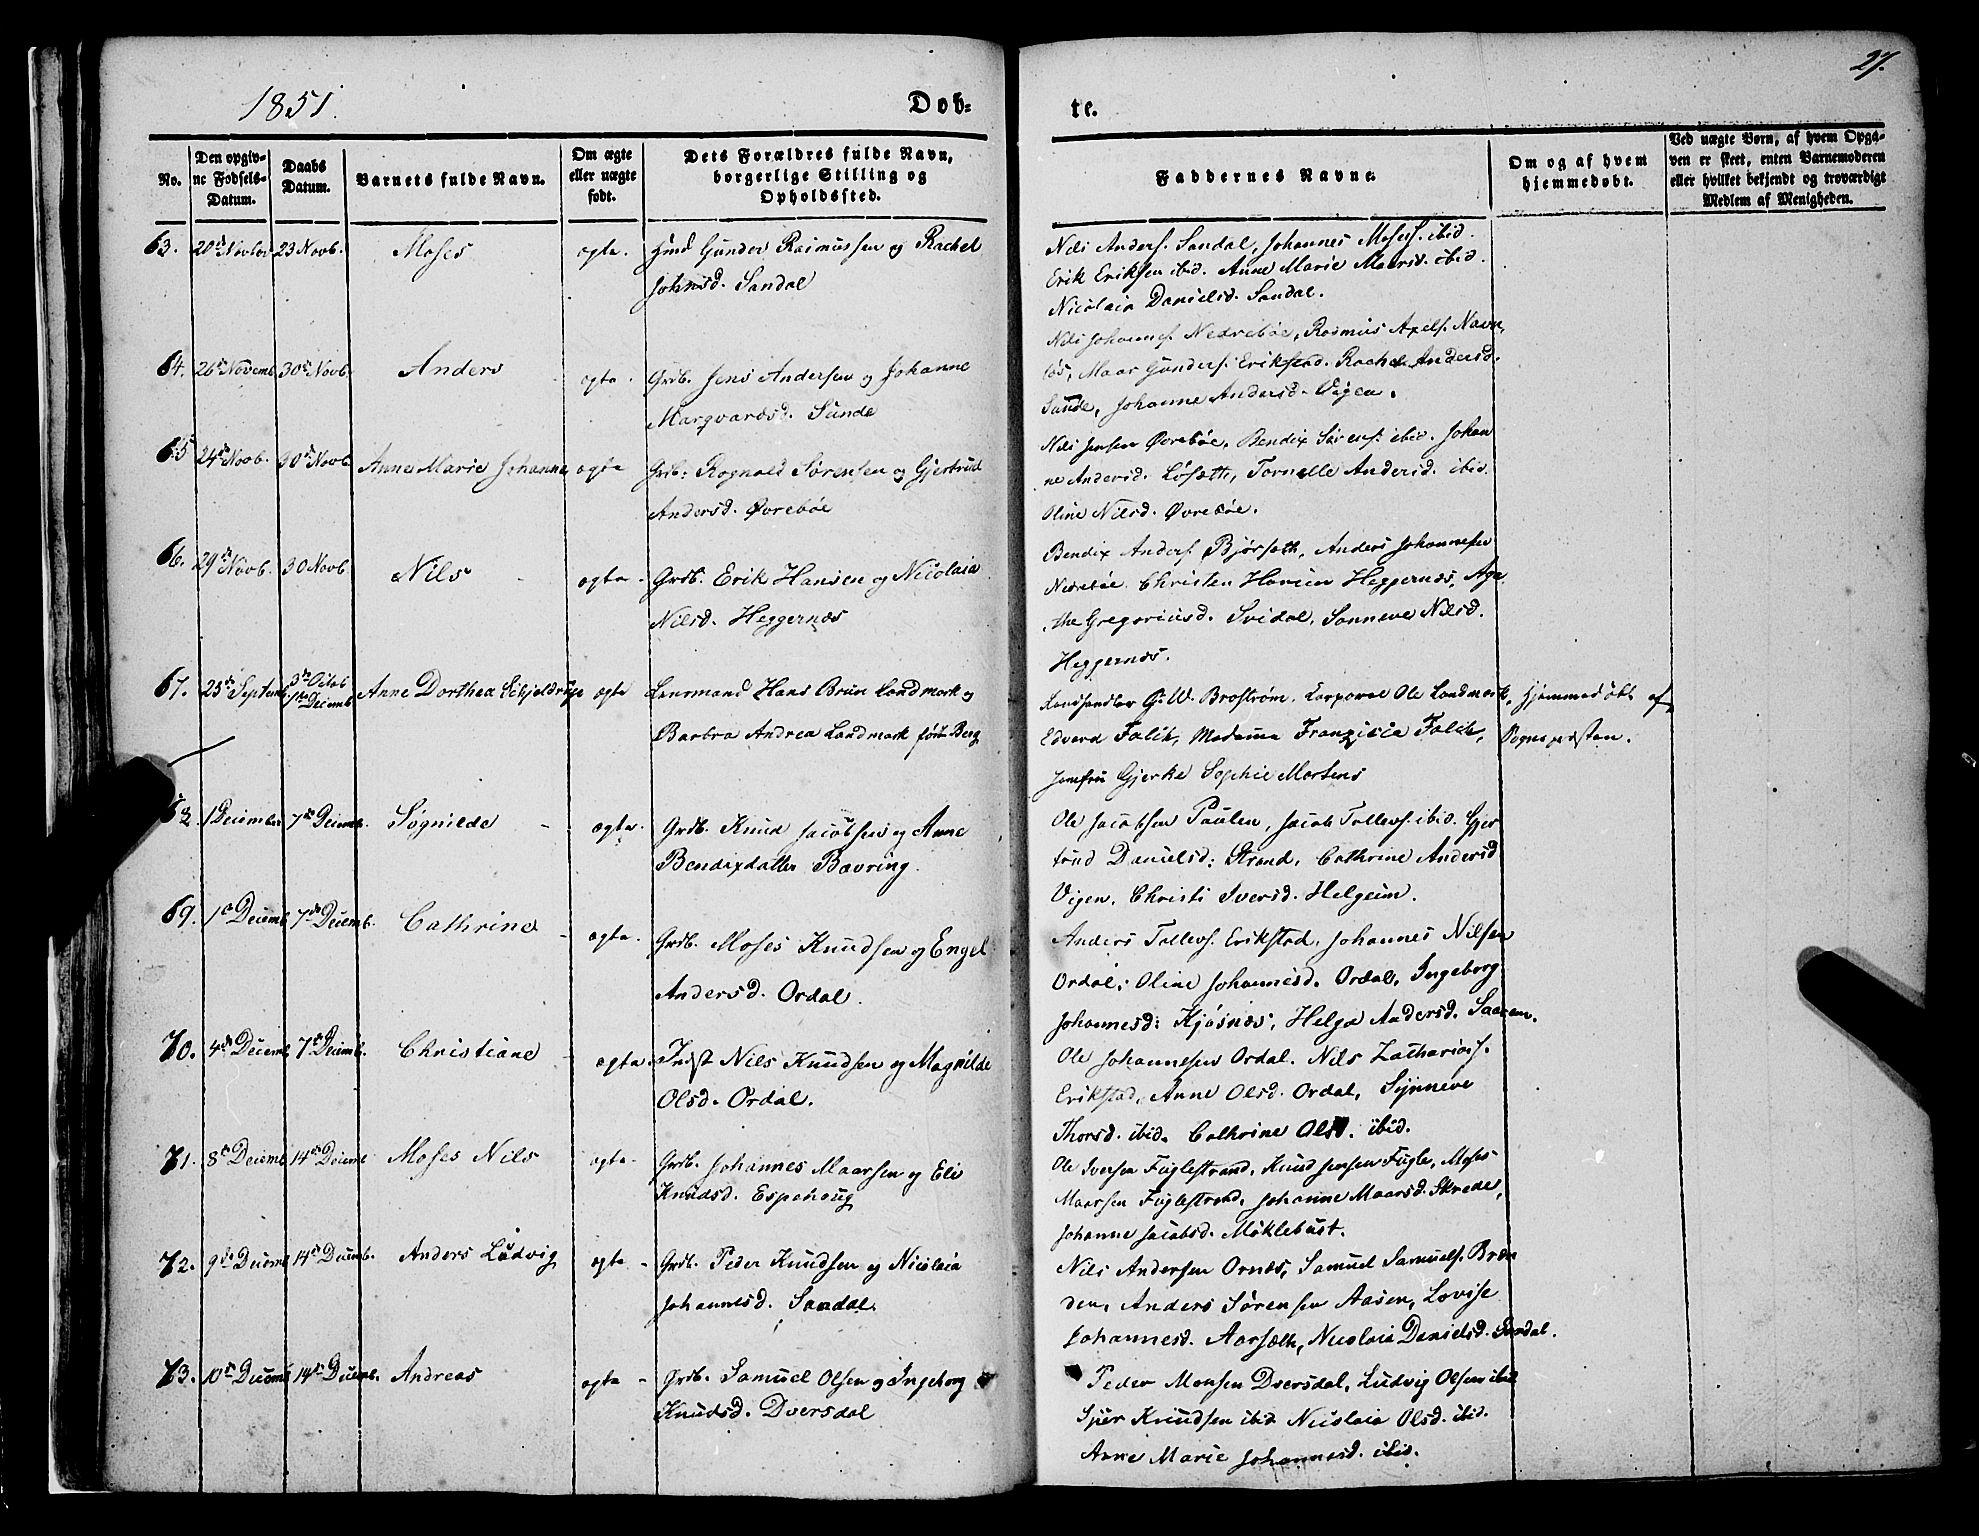 SAB, Jølster sokneprestembete, H/Haa/Haaa/L0010: Ministerialbok nr. A 10, 1847-1865, s. 27